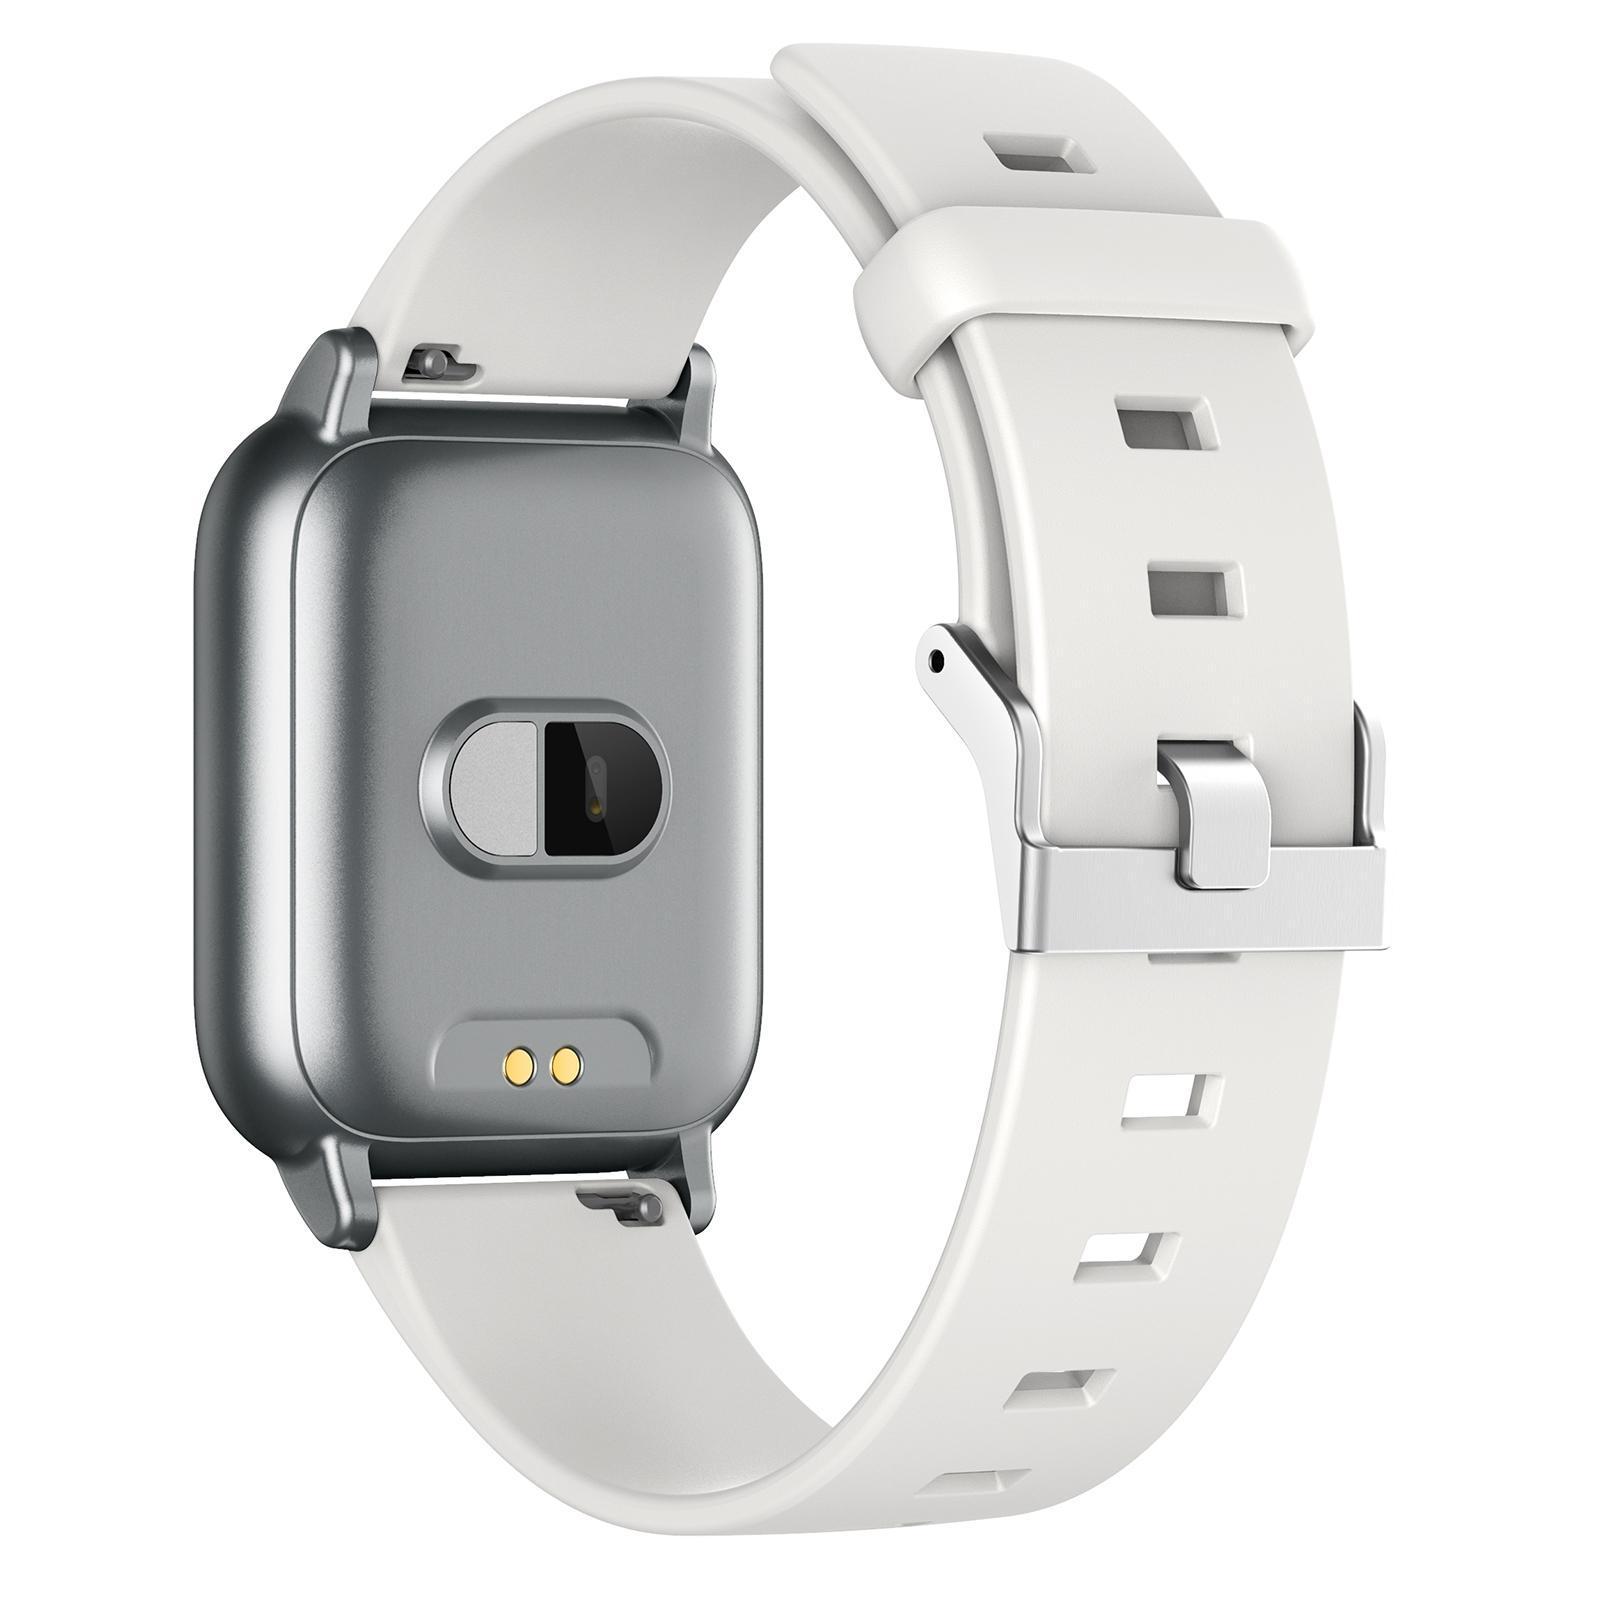 miniature 66 - 2021 NOUVEAU Bluetooth Fitness Tracker Smartwatch Sommeil Moniteur Étanche